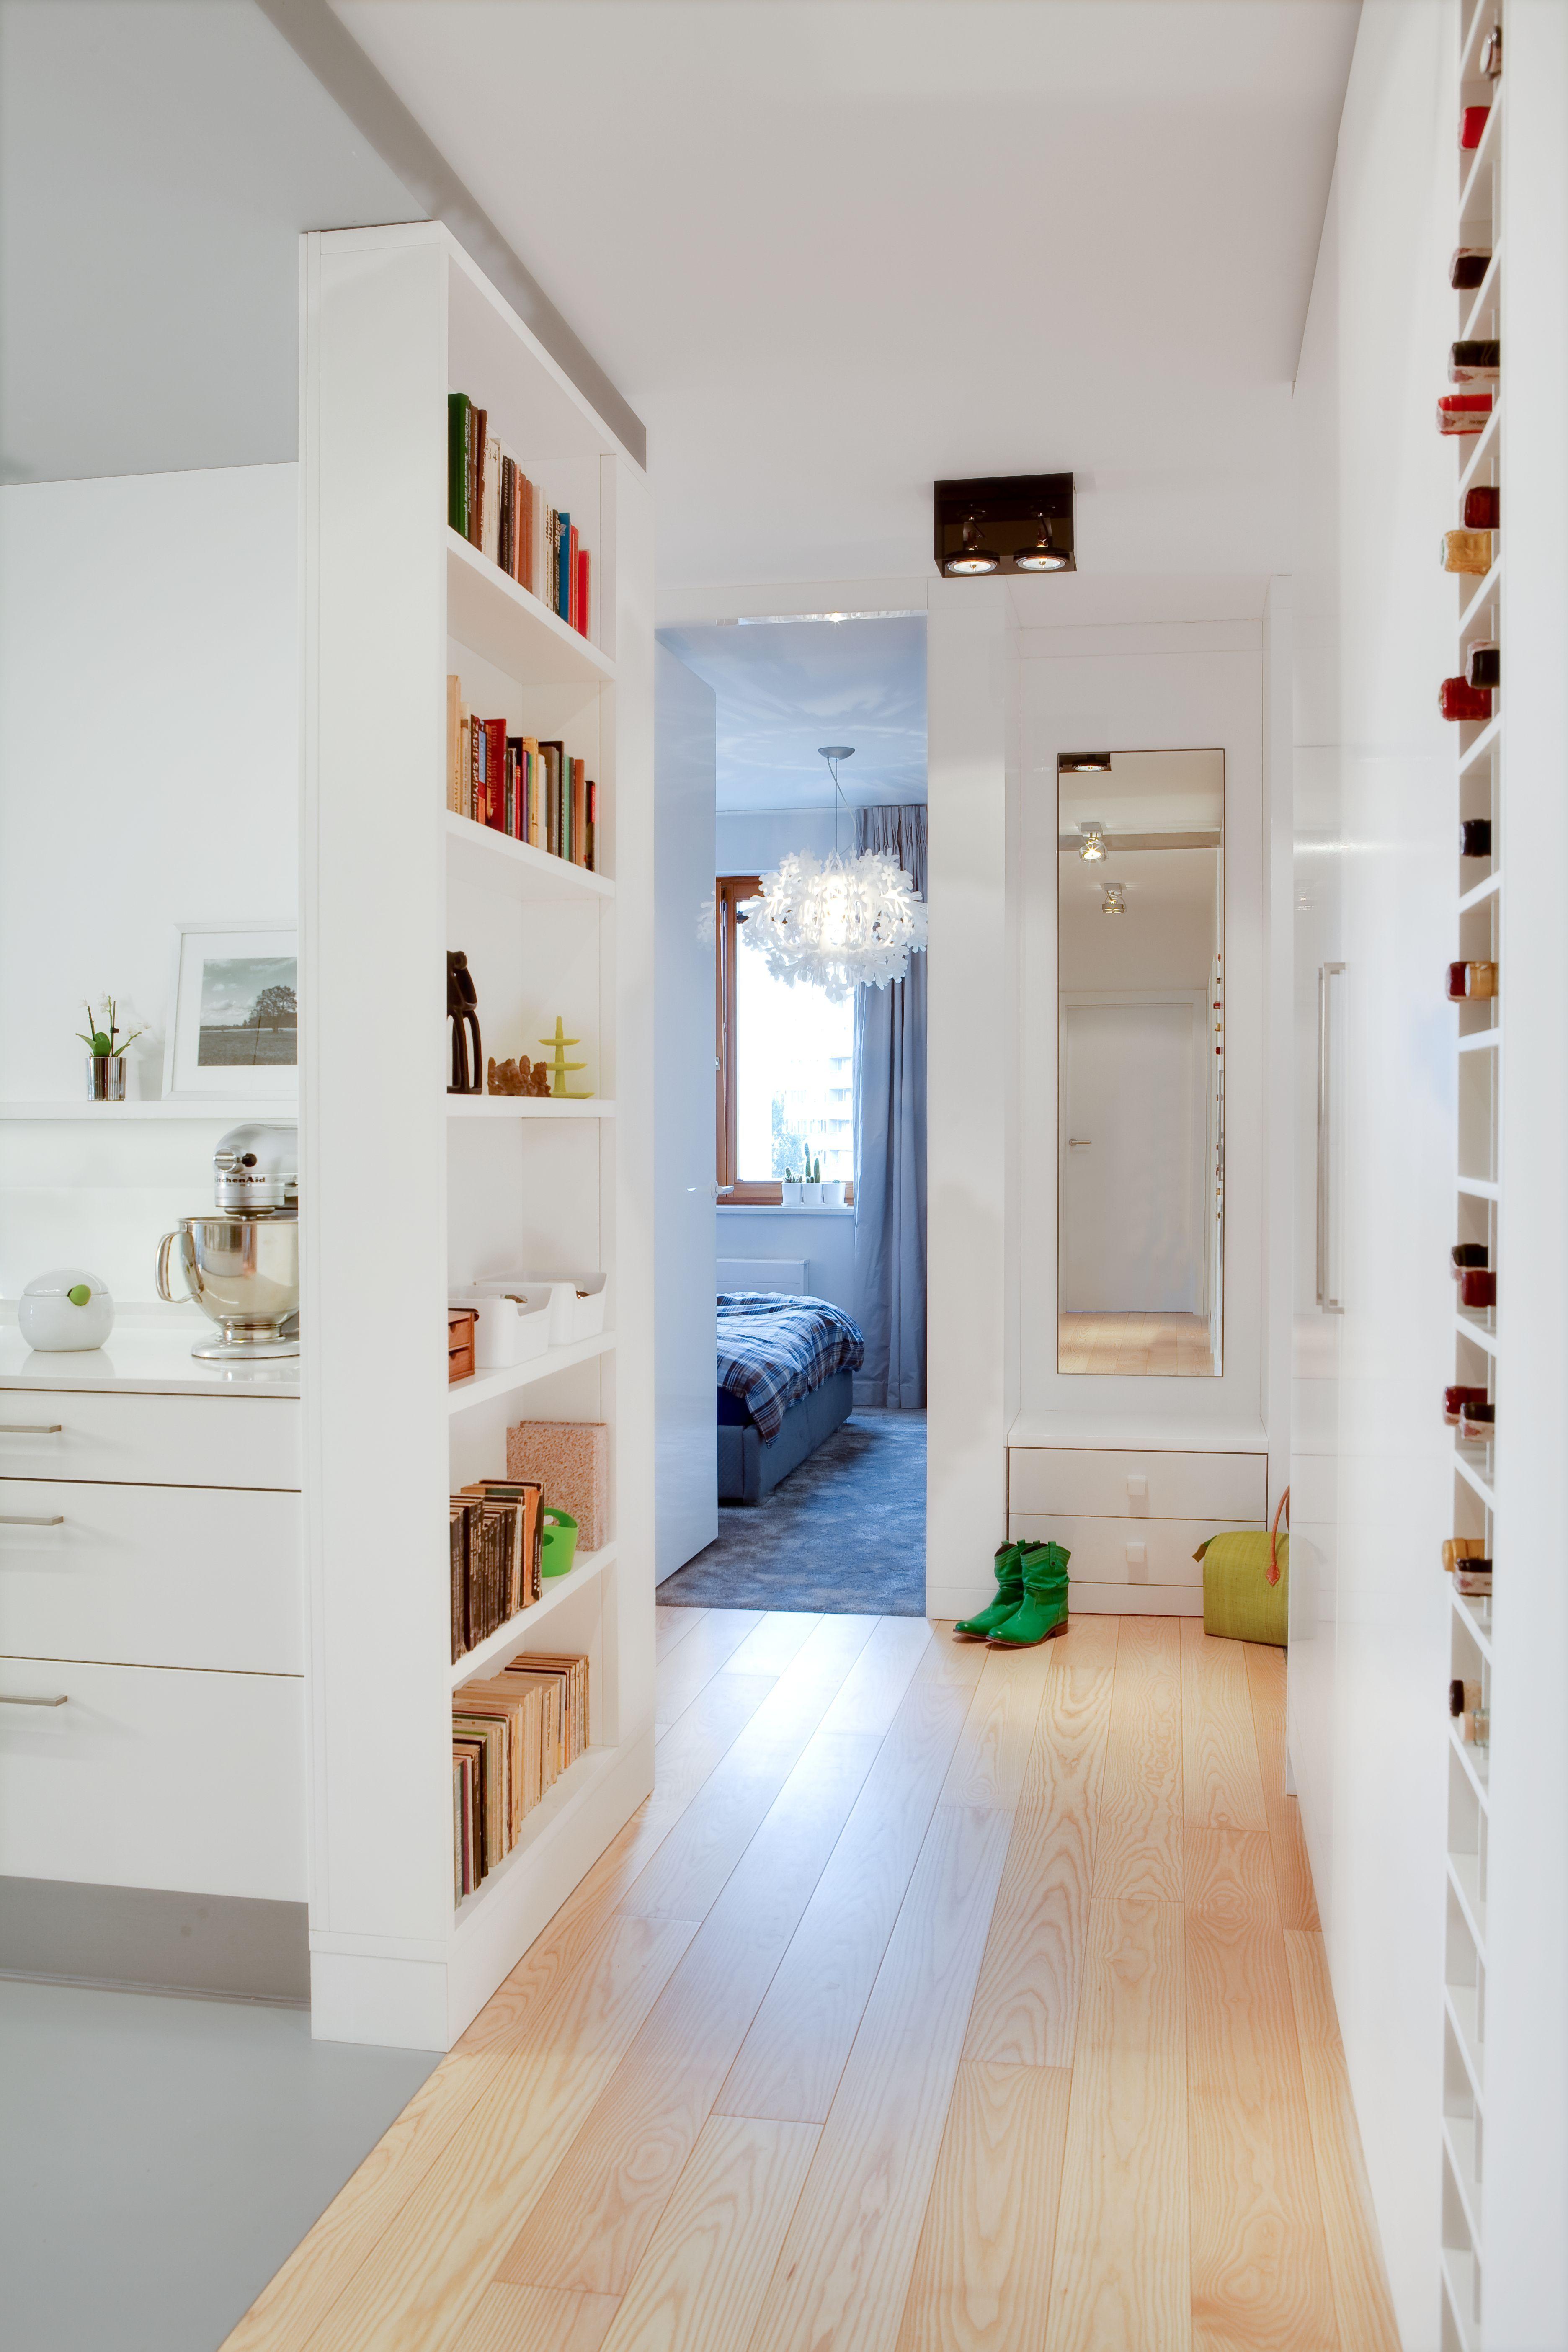 Przedpokoj W Bloku Urzadzamy Maly I Funkcjonalny Przedpokoj Wideo Home Small Spaces Interior